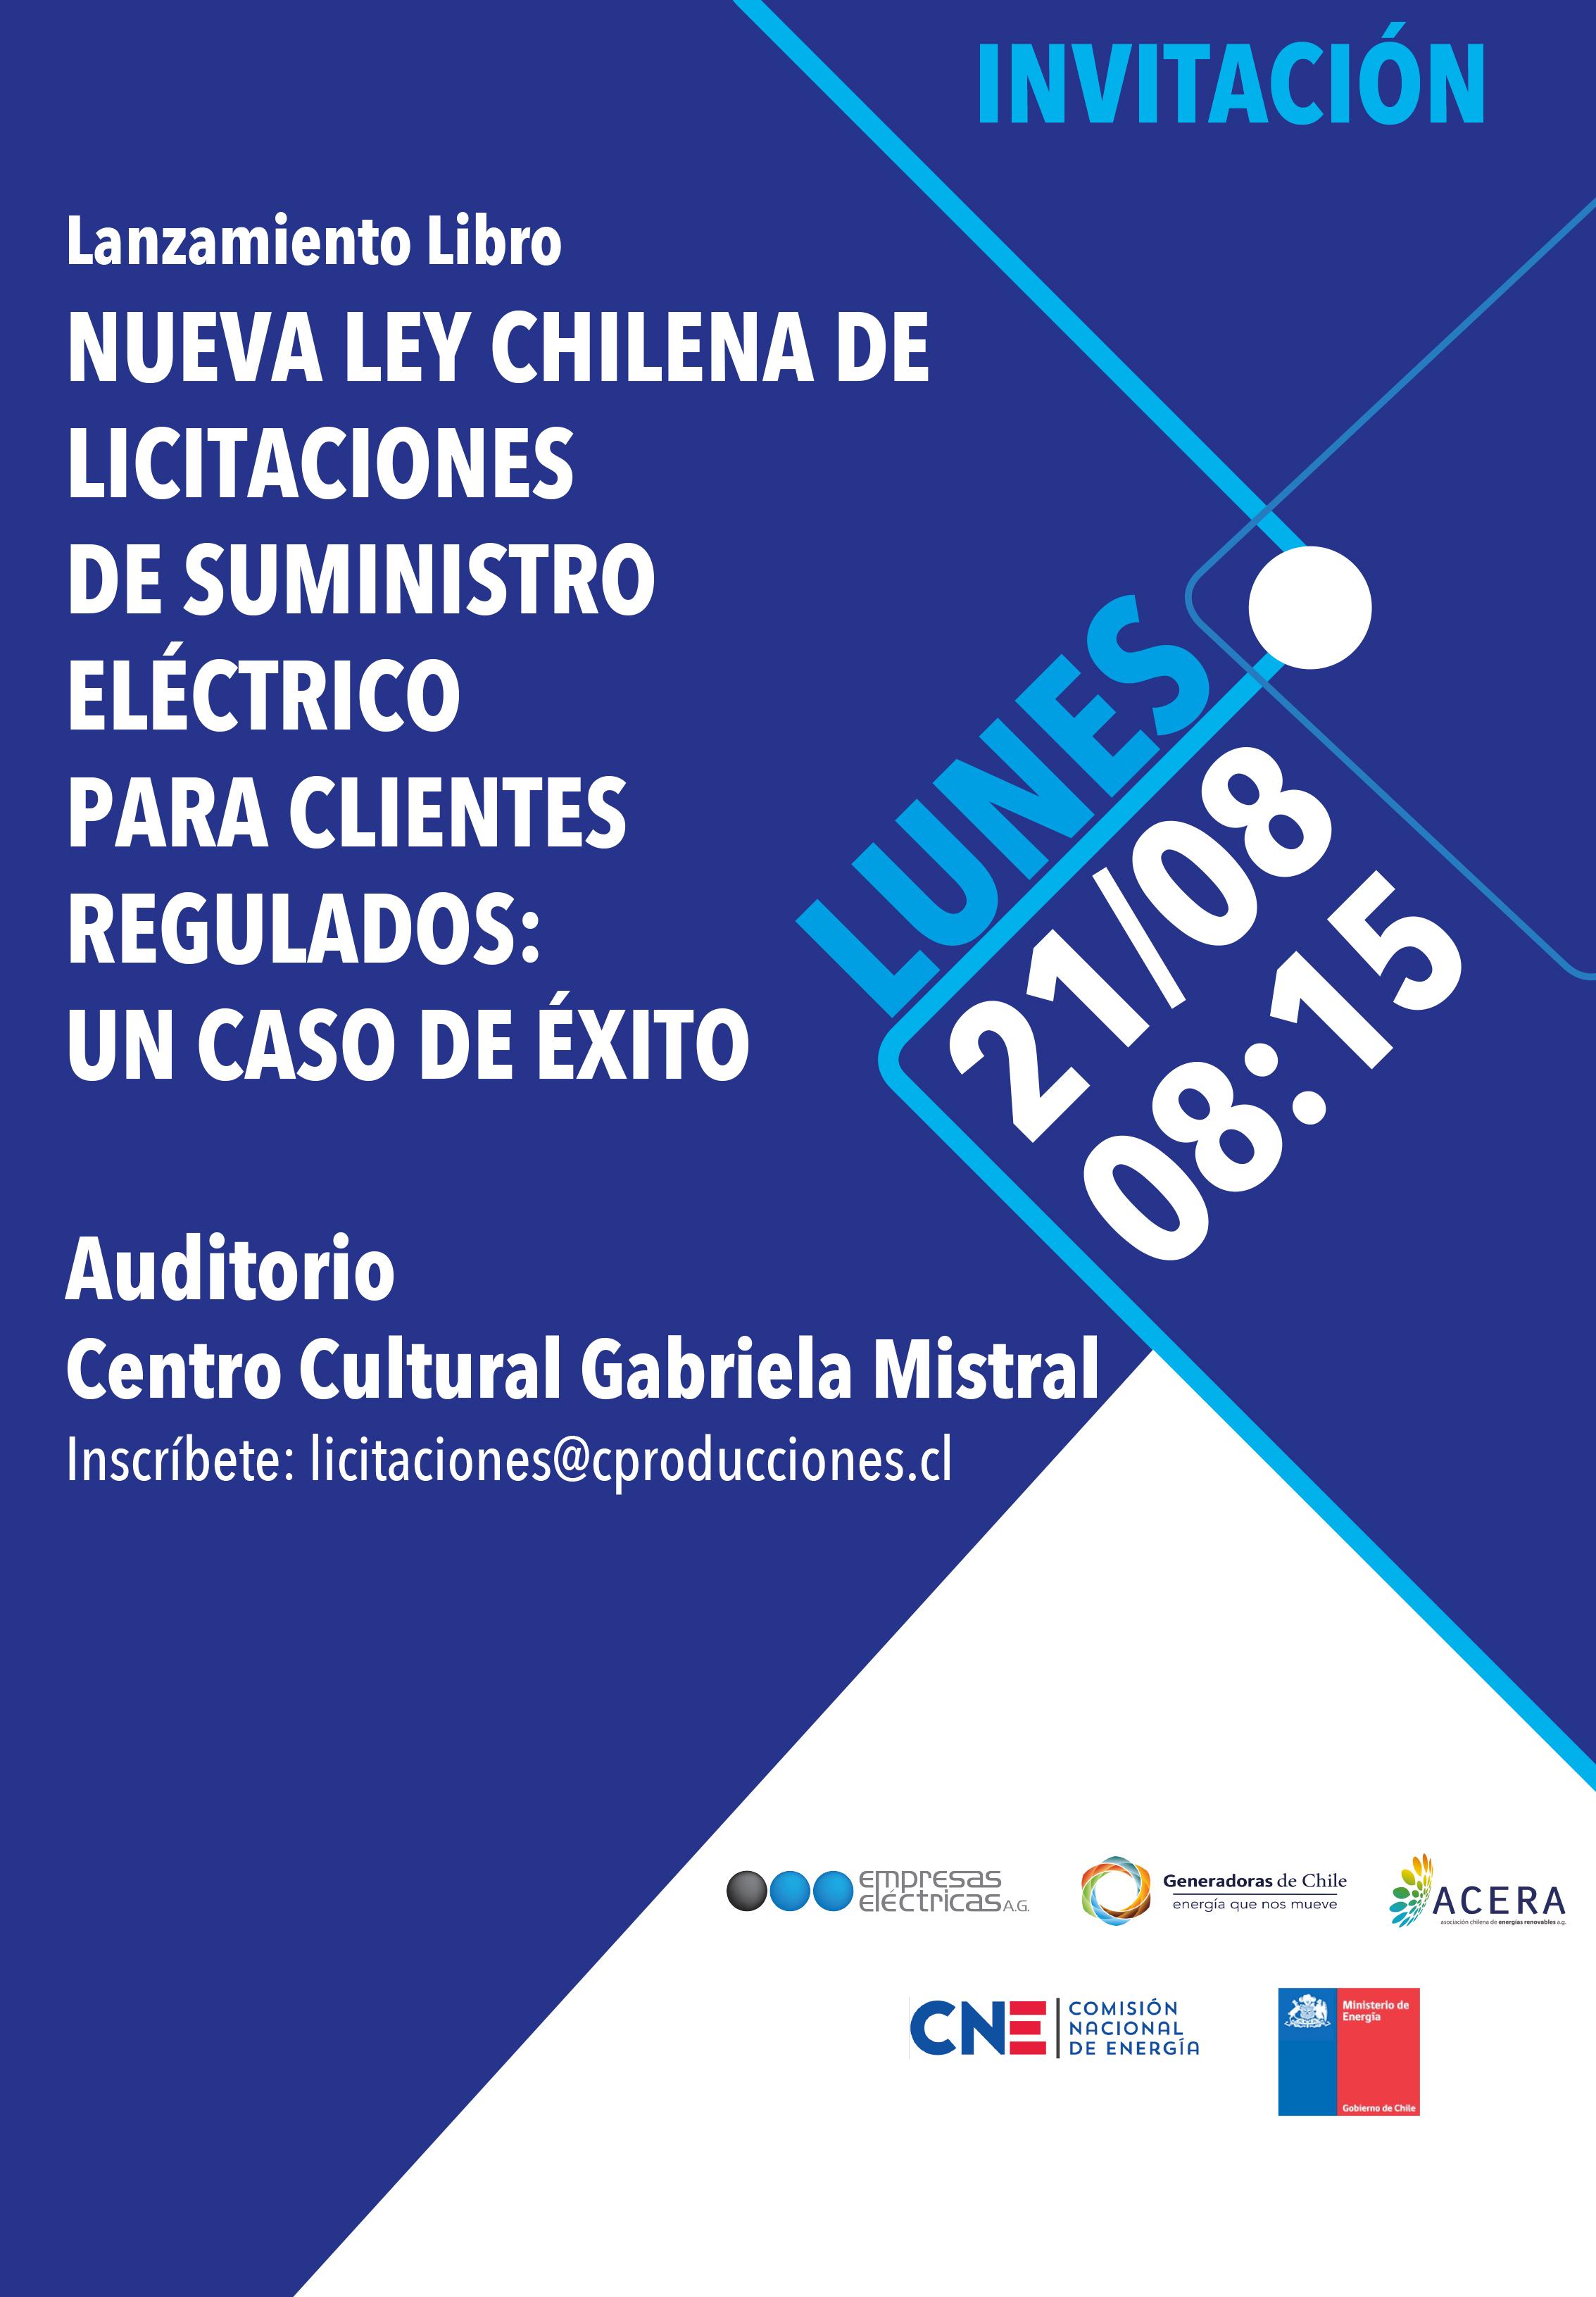 Lanzamiento de Libro sobre Licitaciones eléctricas